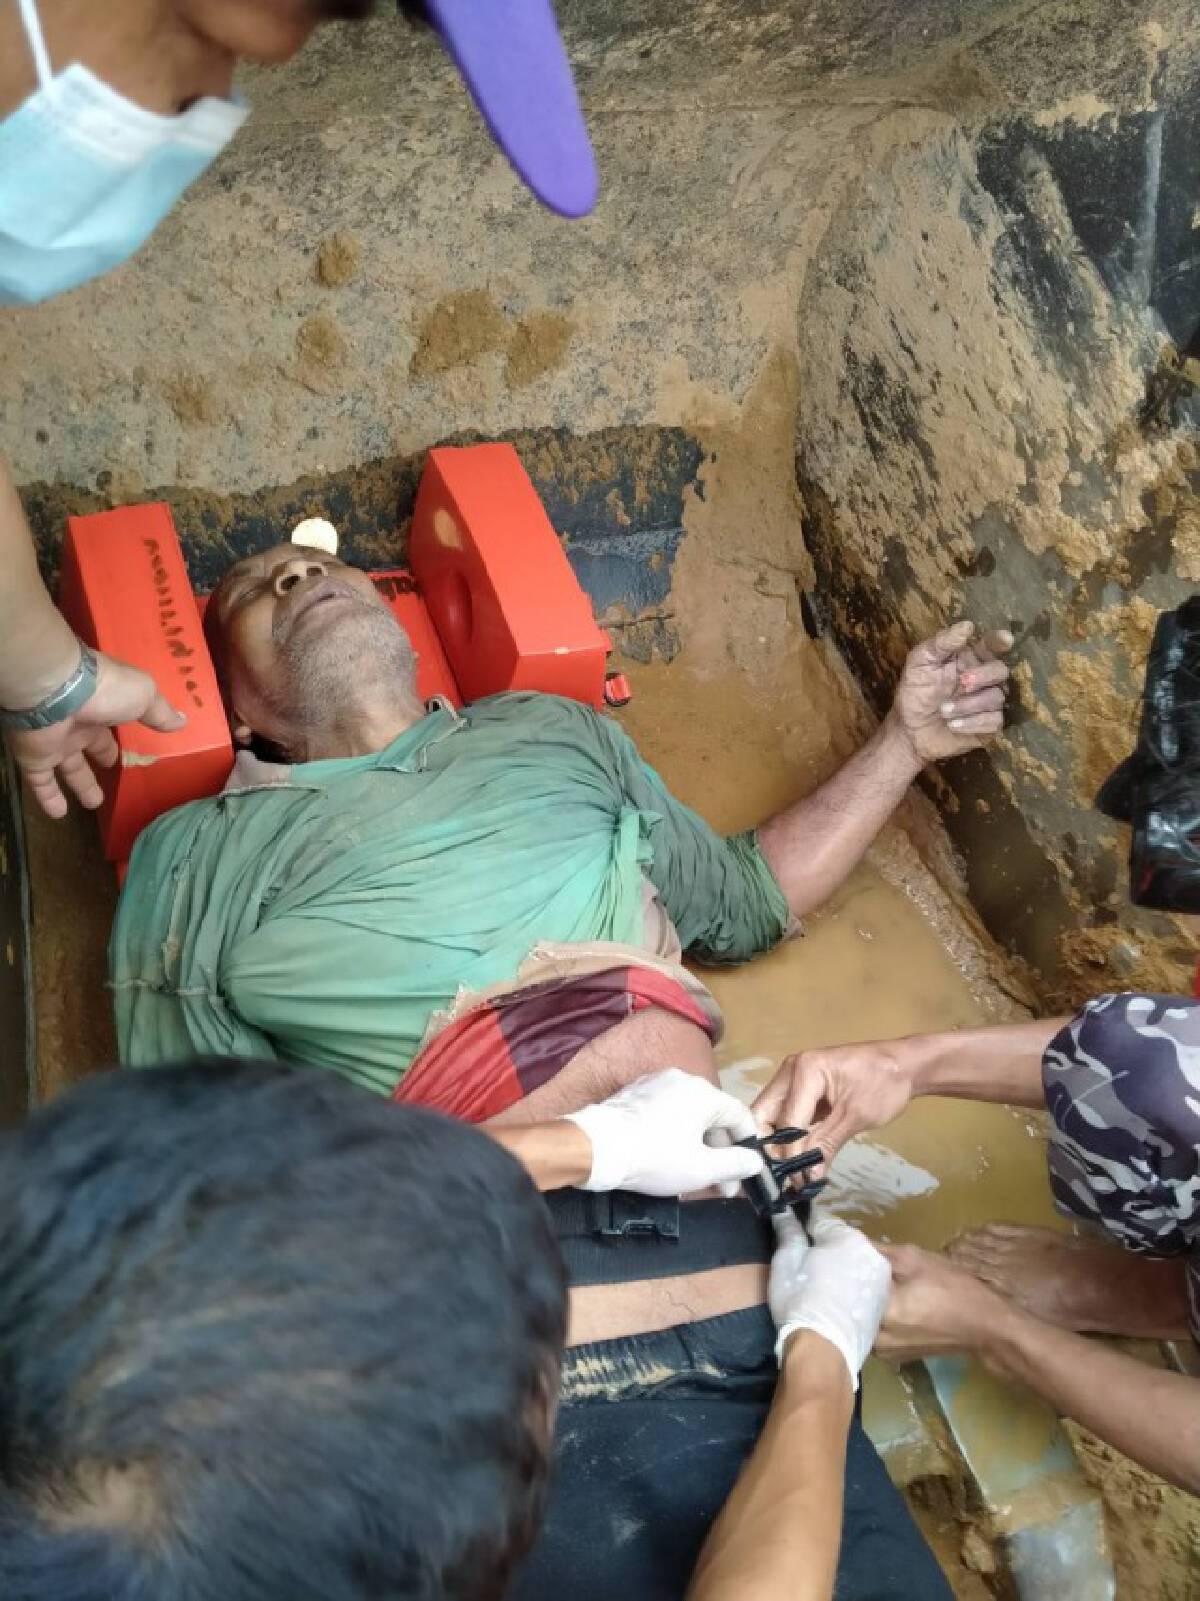 รอดปาฏิหาริย์ ช่วยคนงานติดในบ่อดูดทราย 8 ชม.